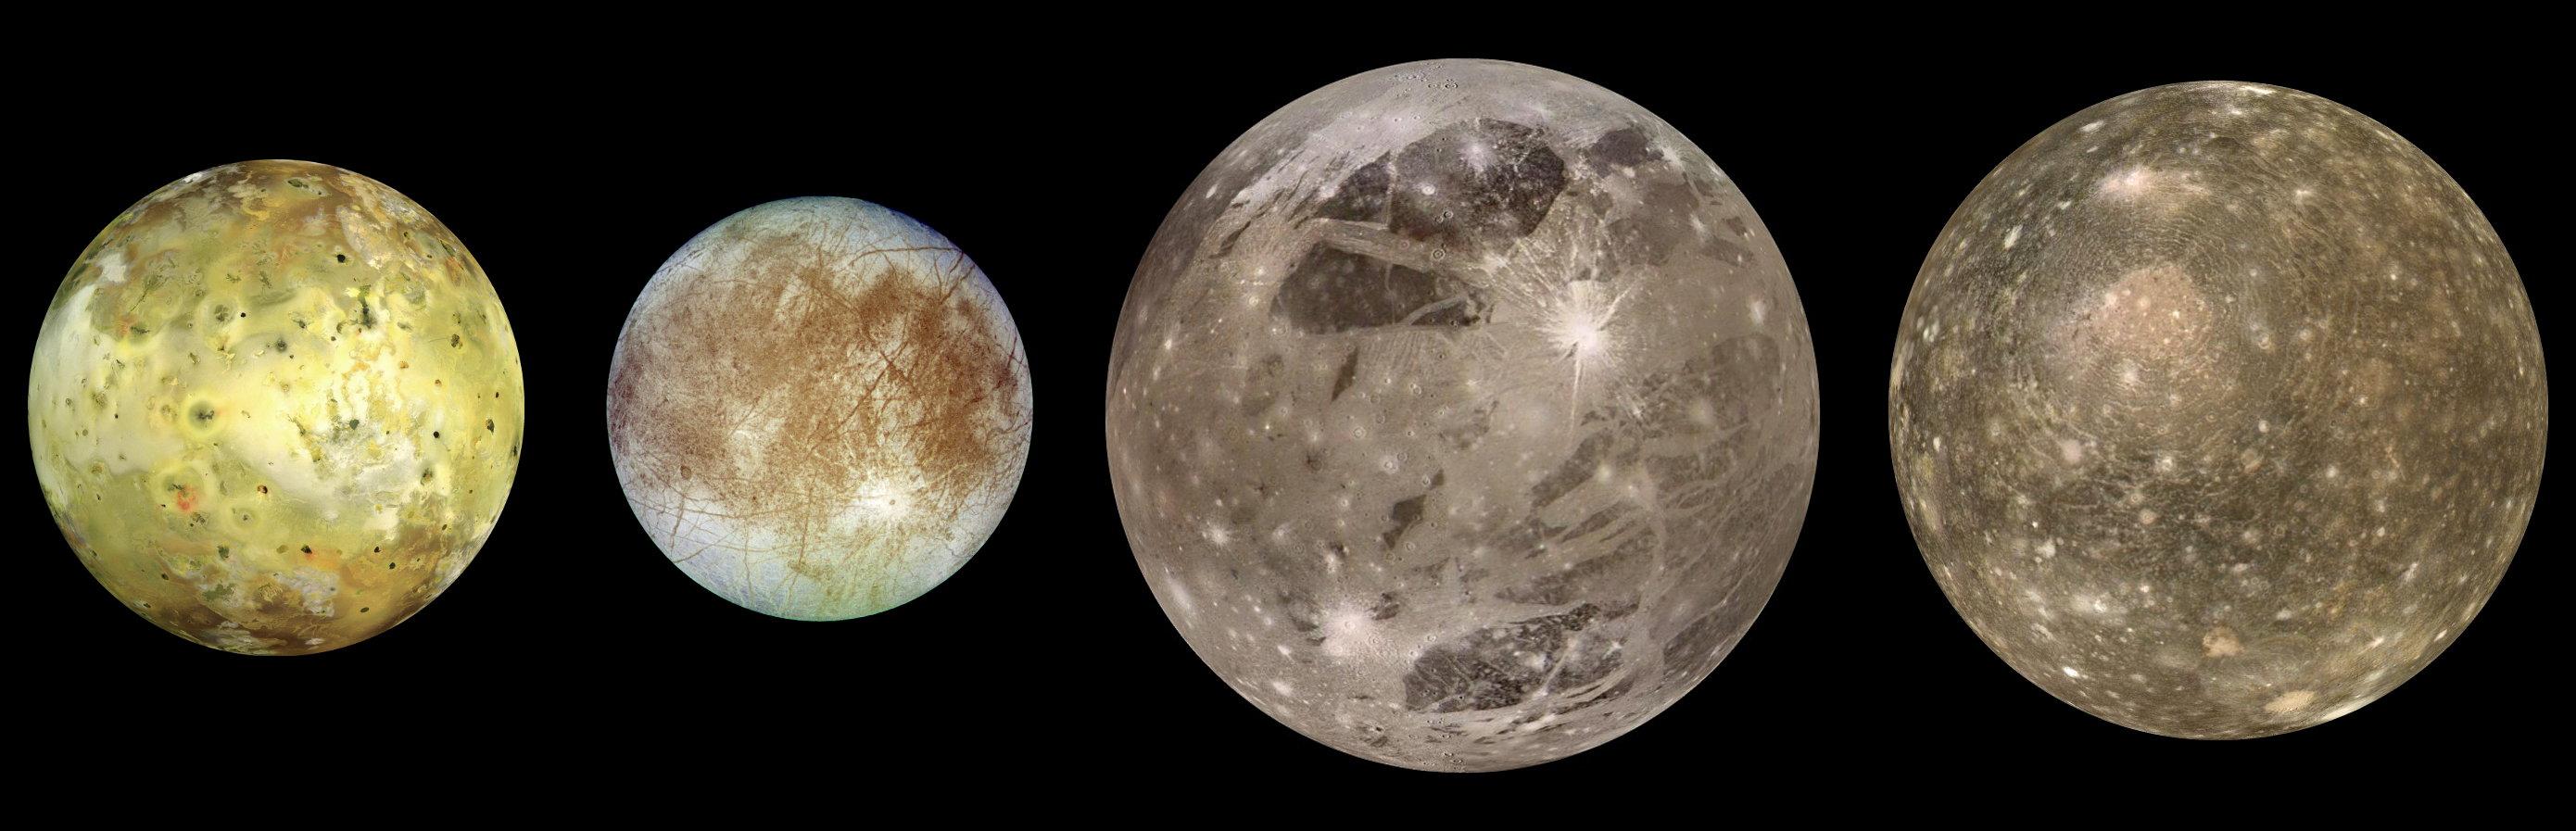 jupiter and its galilean moons - photo #26